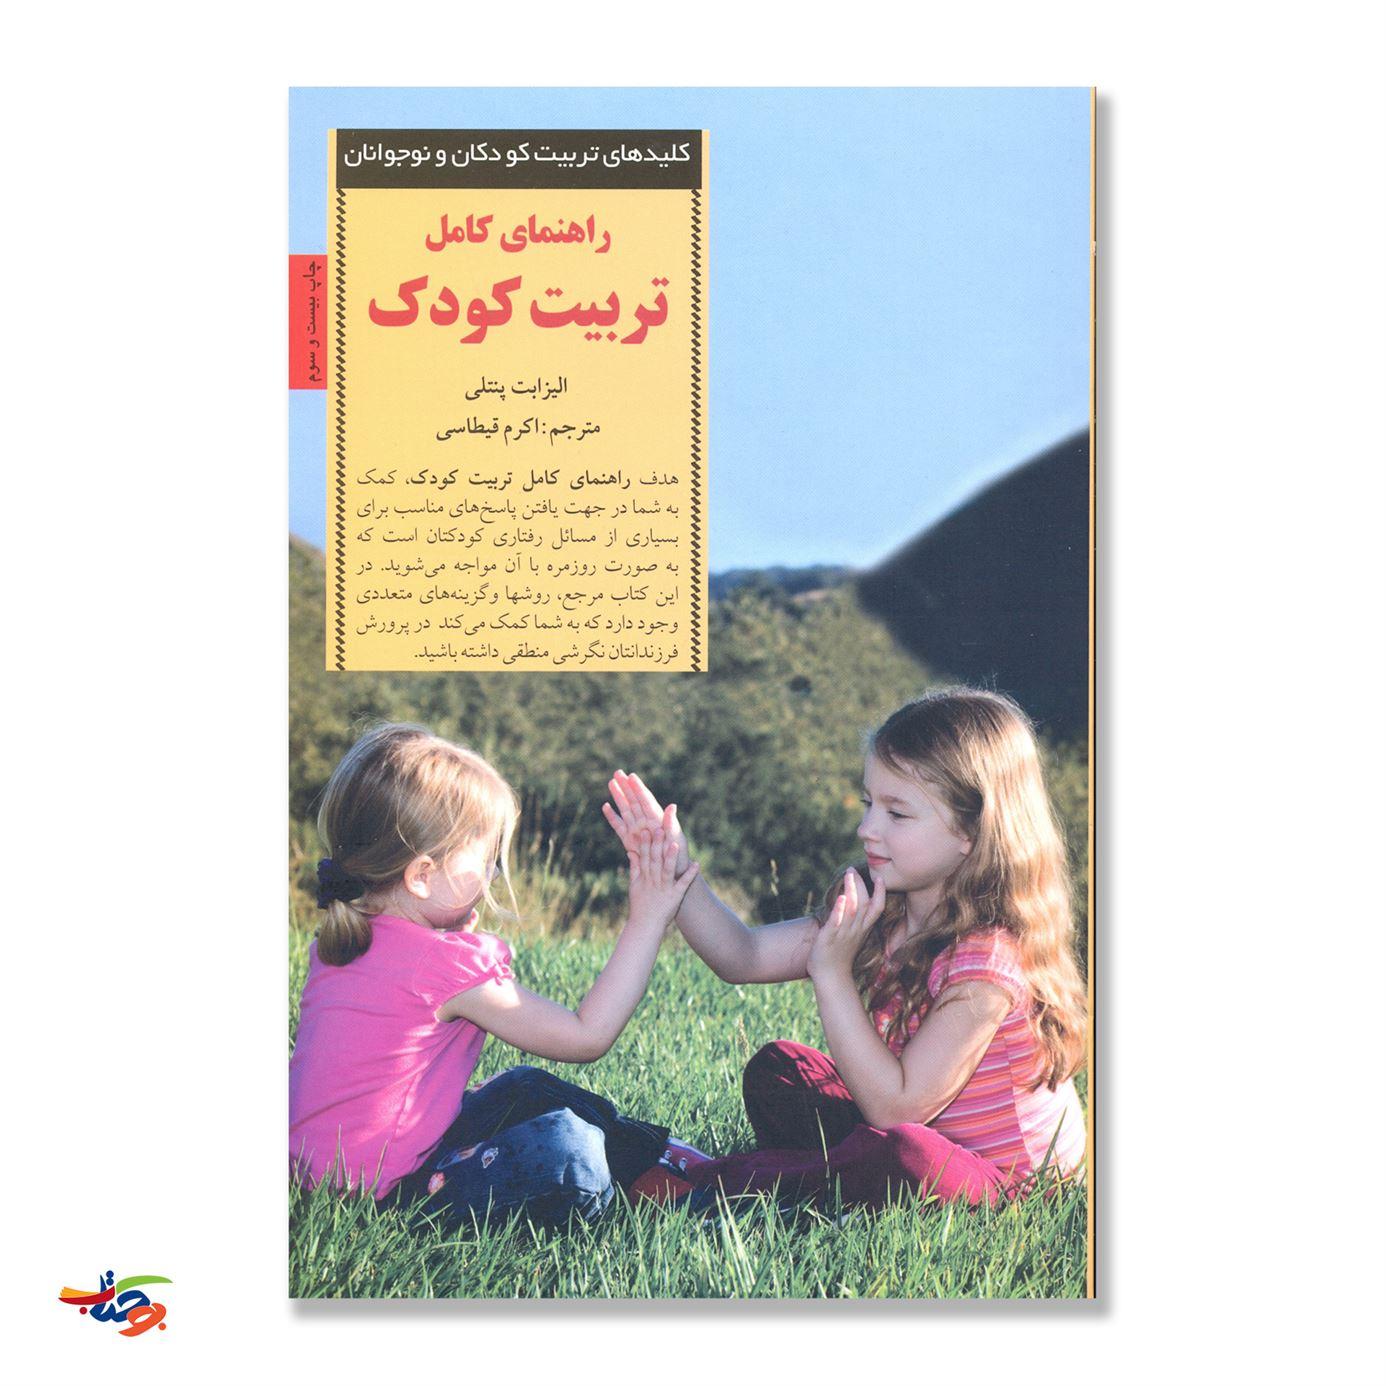 تصویر راهنمای کامل تربیت کودک/ کلیدهای تربیت کودکان و نوجوانان